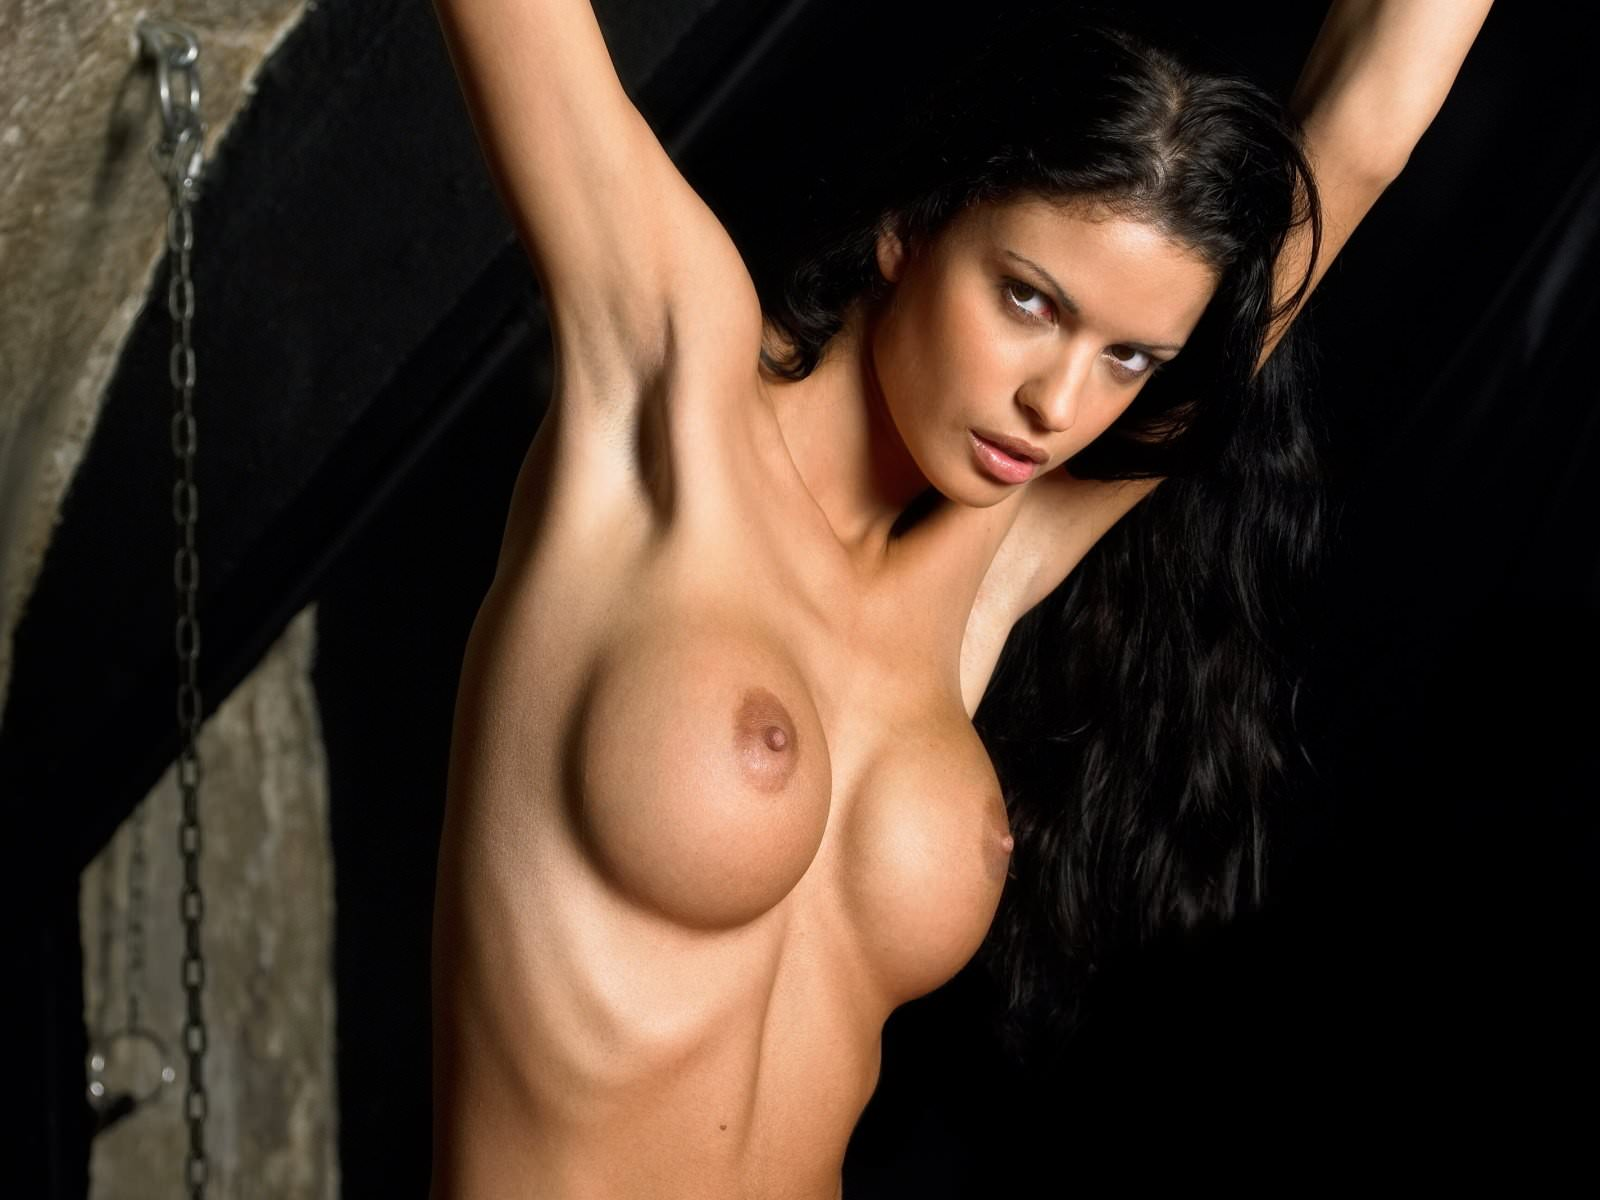 Смотреть секс женщины в цепях 21 фотография